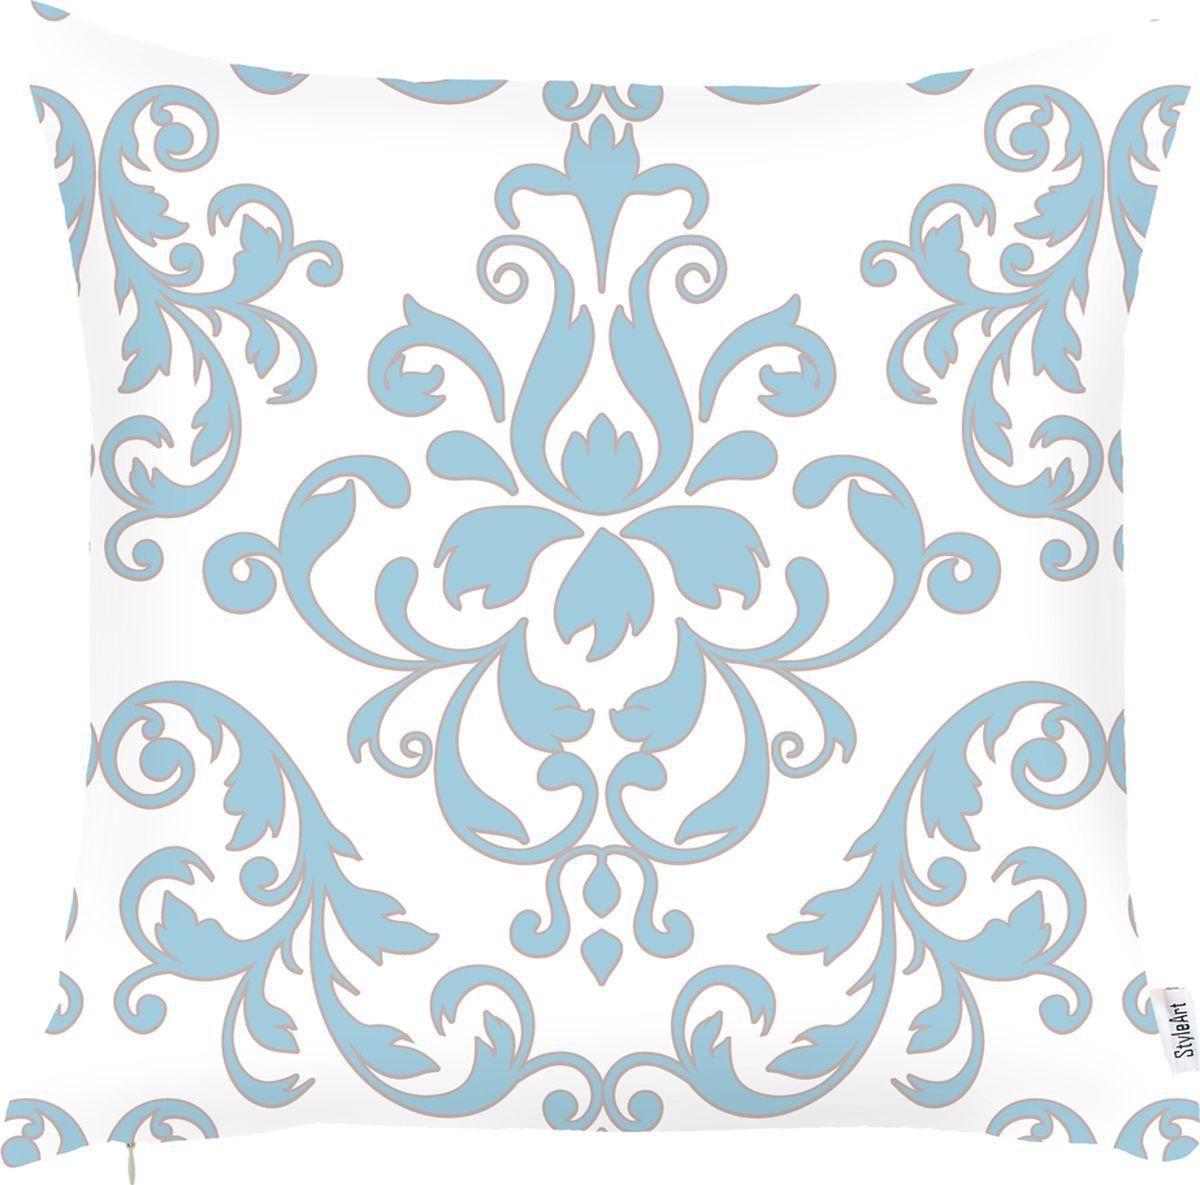 Декоративные чехлы для подушек Apolena изготовлены из микрофибры.   Многообразие дизайнов чехлов Apolena позволяет подобрать варианты к  любому современному интерьеру.  Ткань обладает грязеотталкивающими свойствами, хорошо держит форму, не выцветает и не линяет во время  стирки.